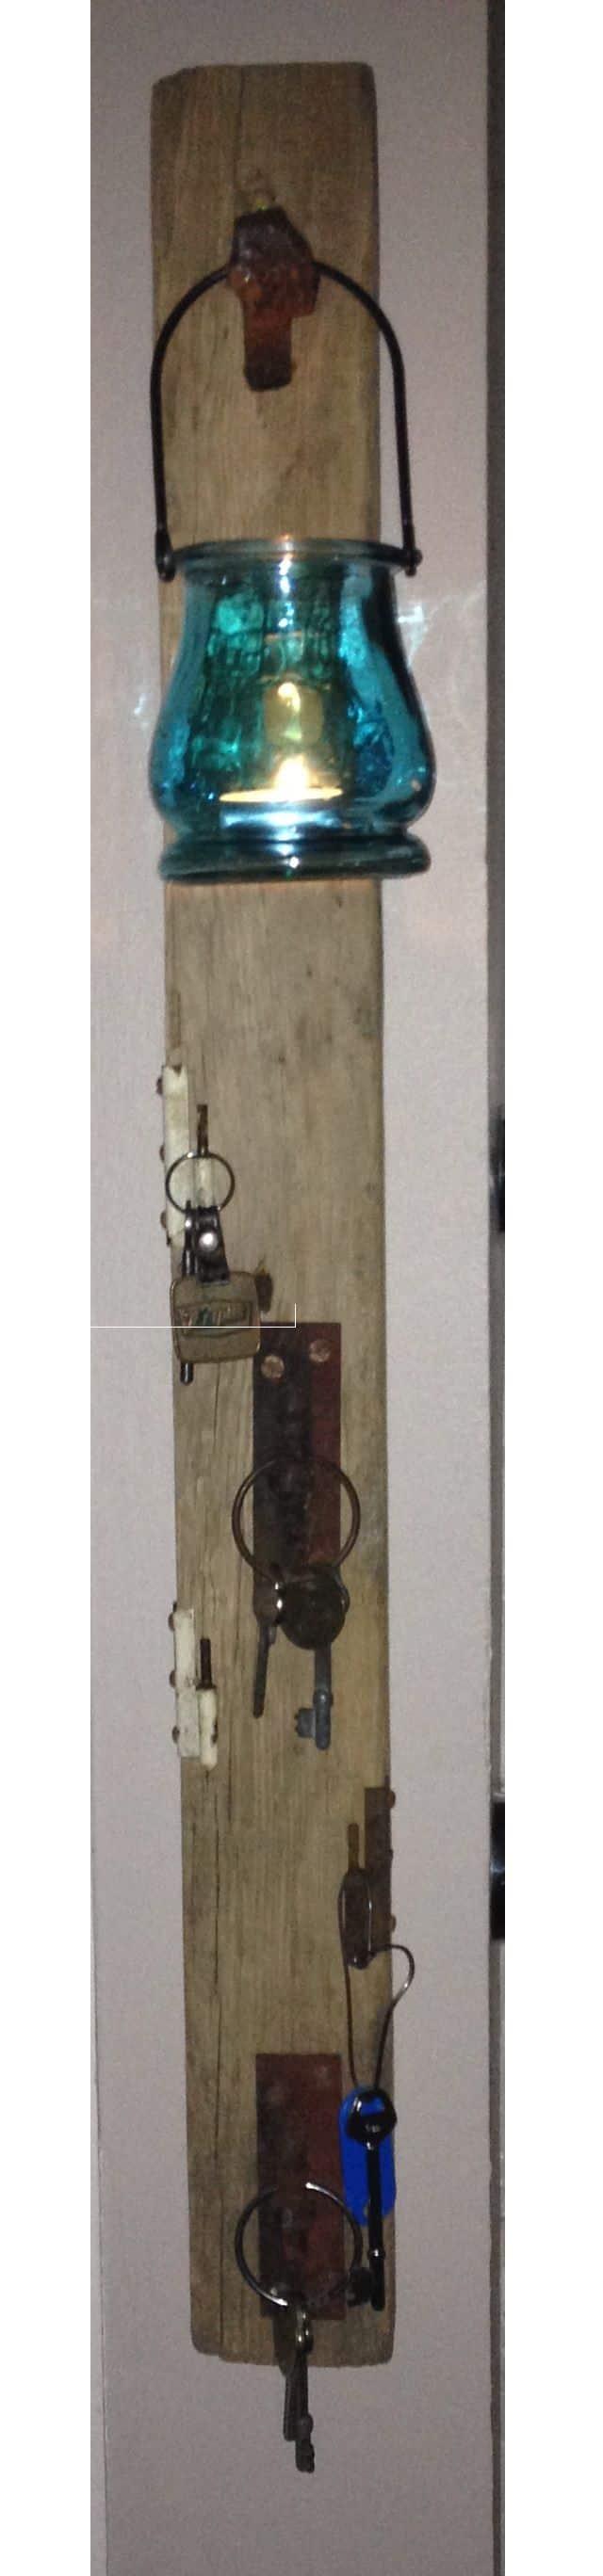 Key-holder-1